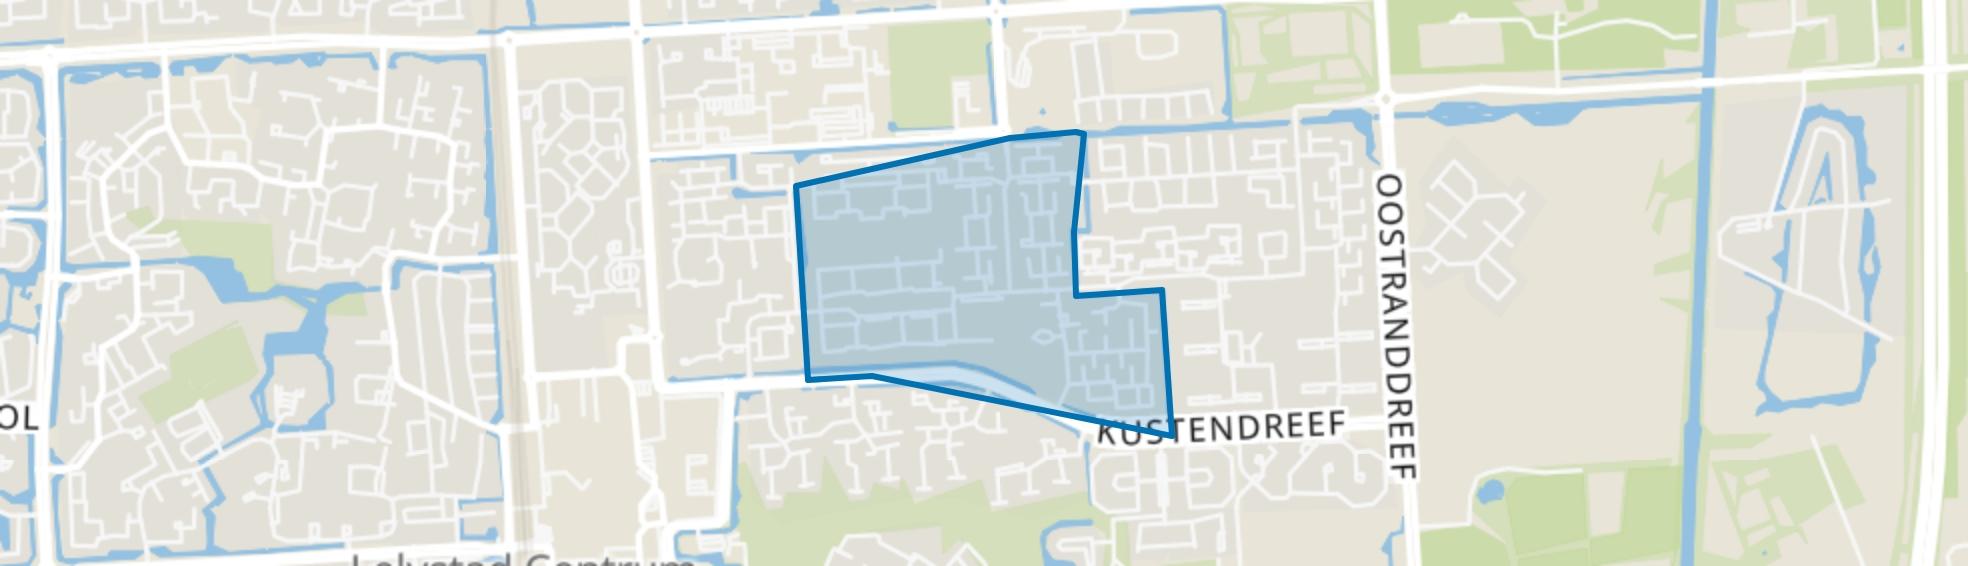 Atol, Lelystad map